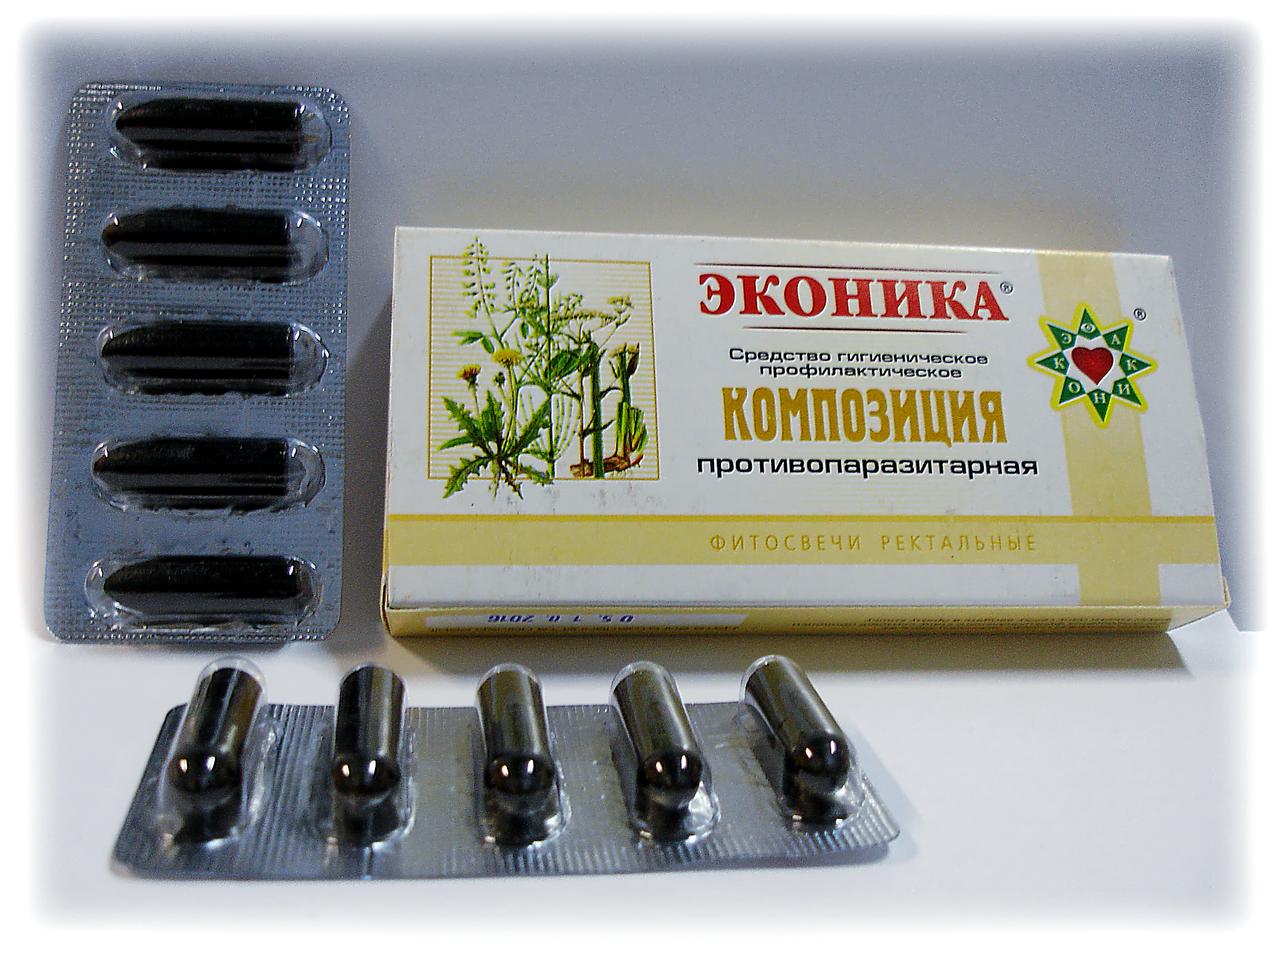 Свічки Еконіка Протипаразитарні 10 шт